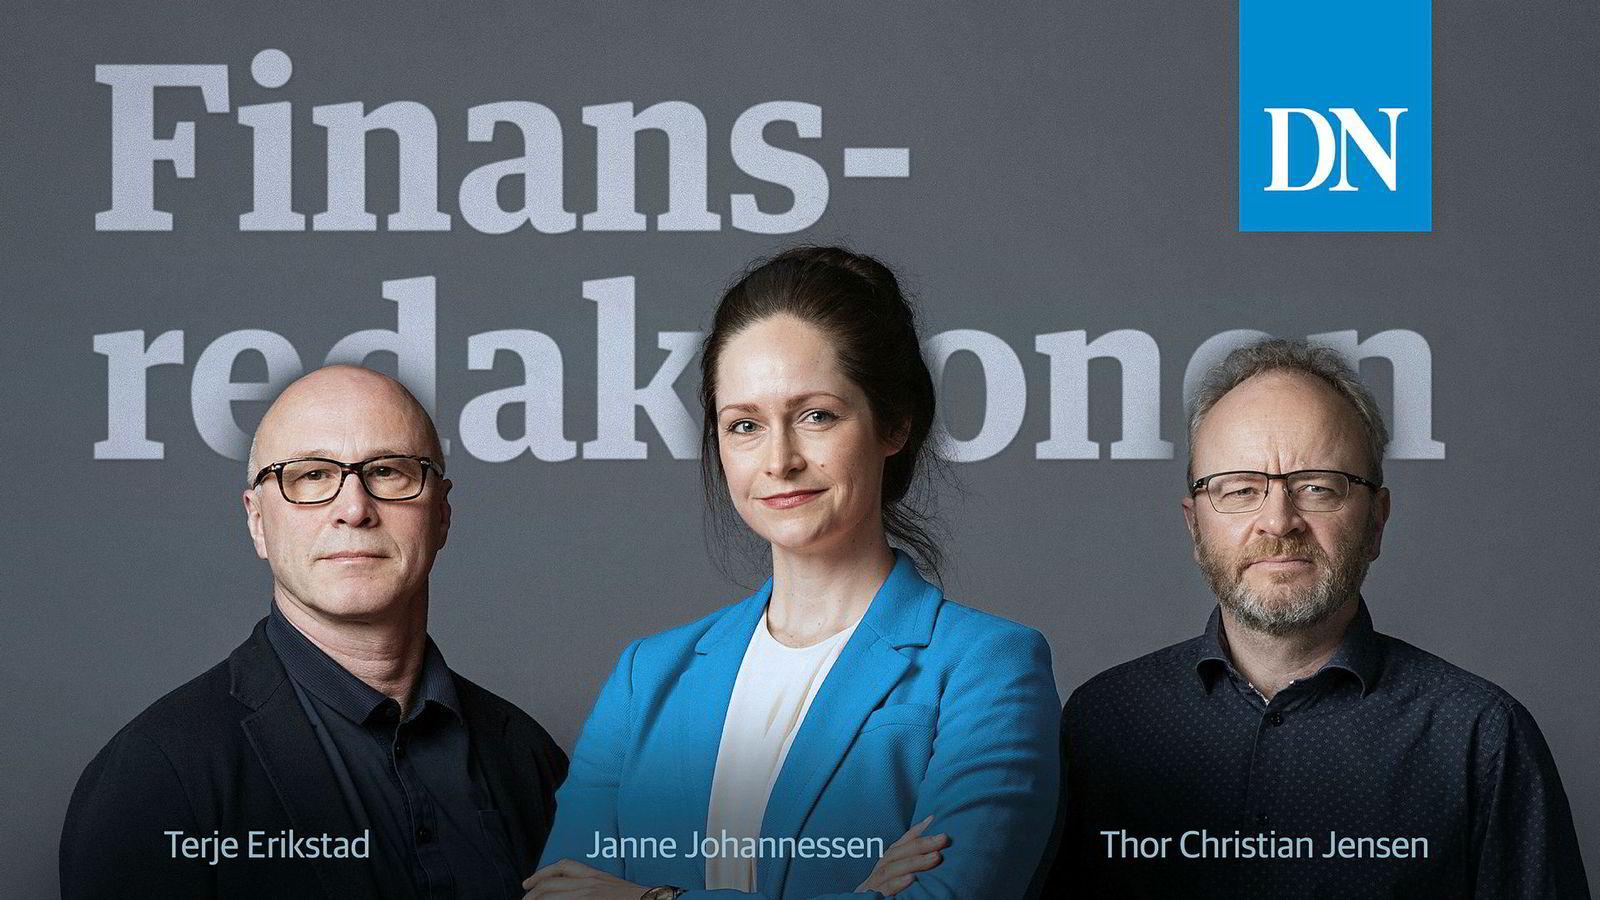 «Finansredaksjonen» er en ukentlig podkast med Terje Erikstad, Janne Johannessen og Thor Christian Jensen.